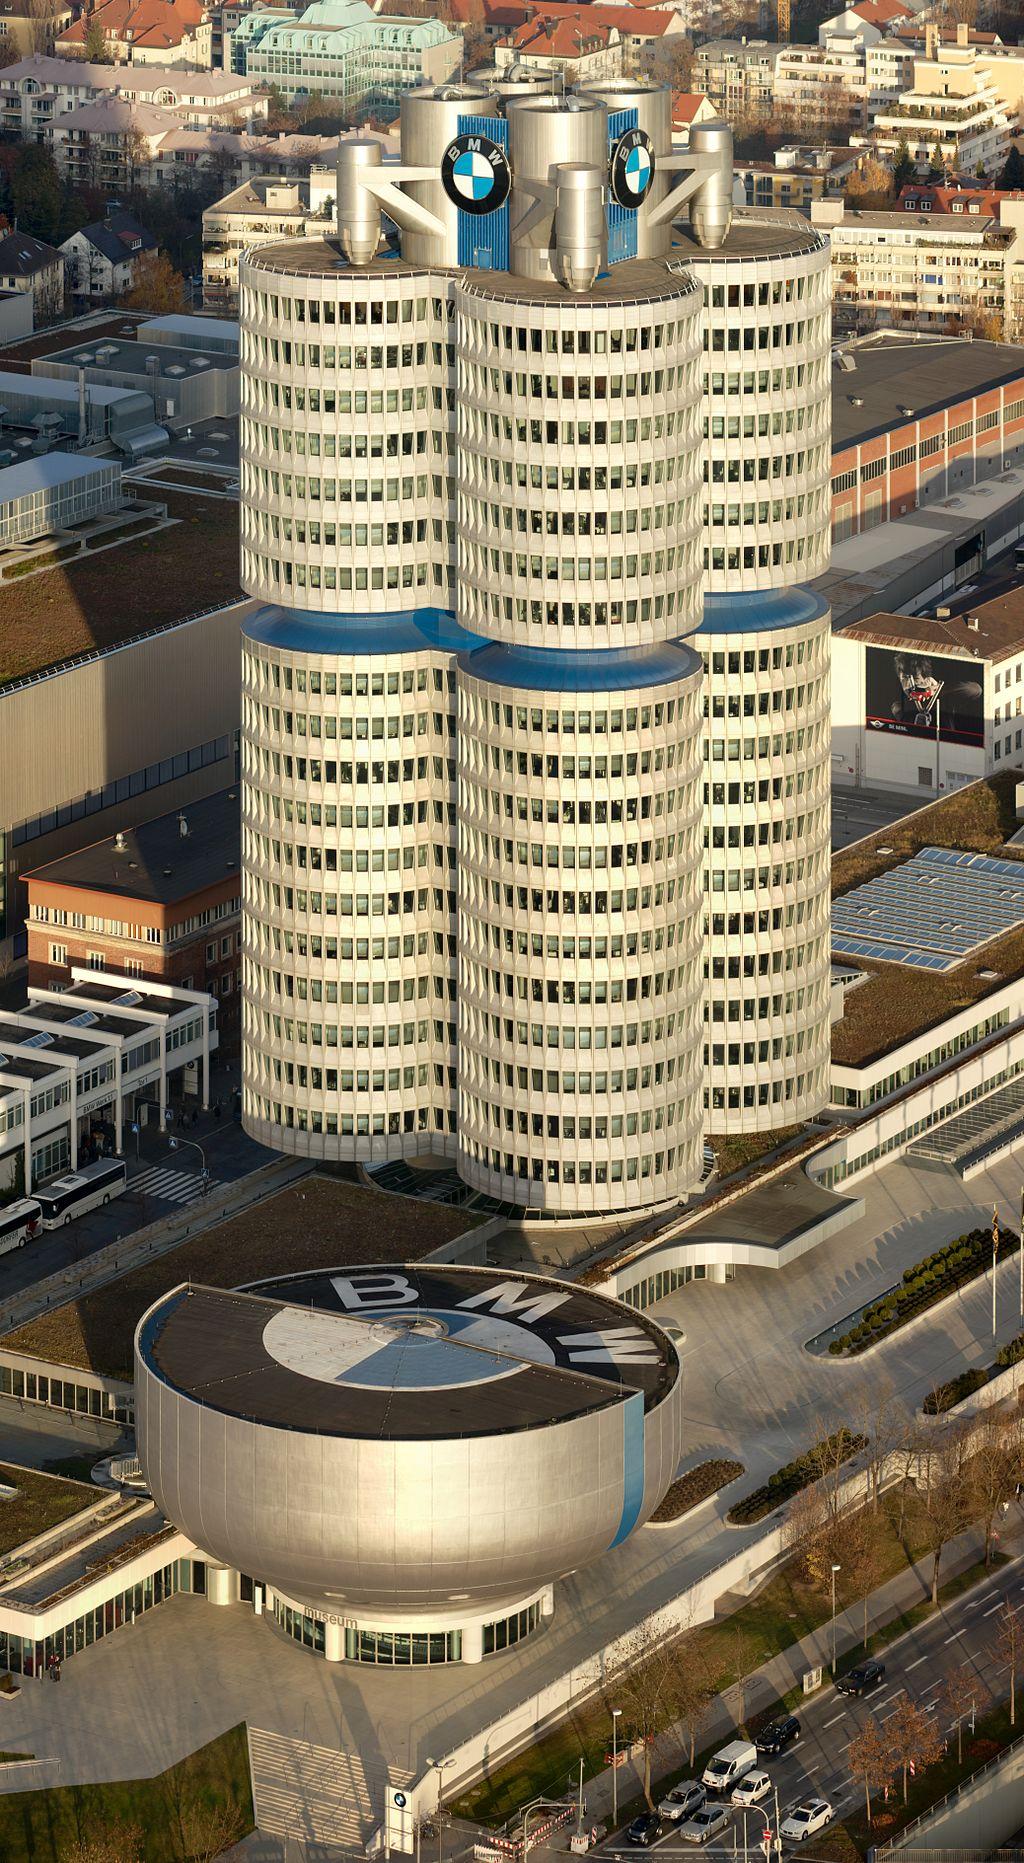 1972-ben adták át a BMW új bázisát, a négy hengert.